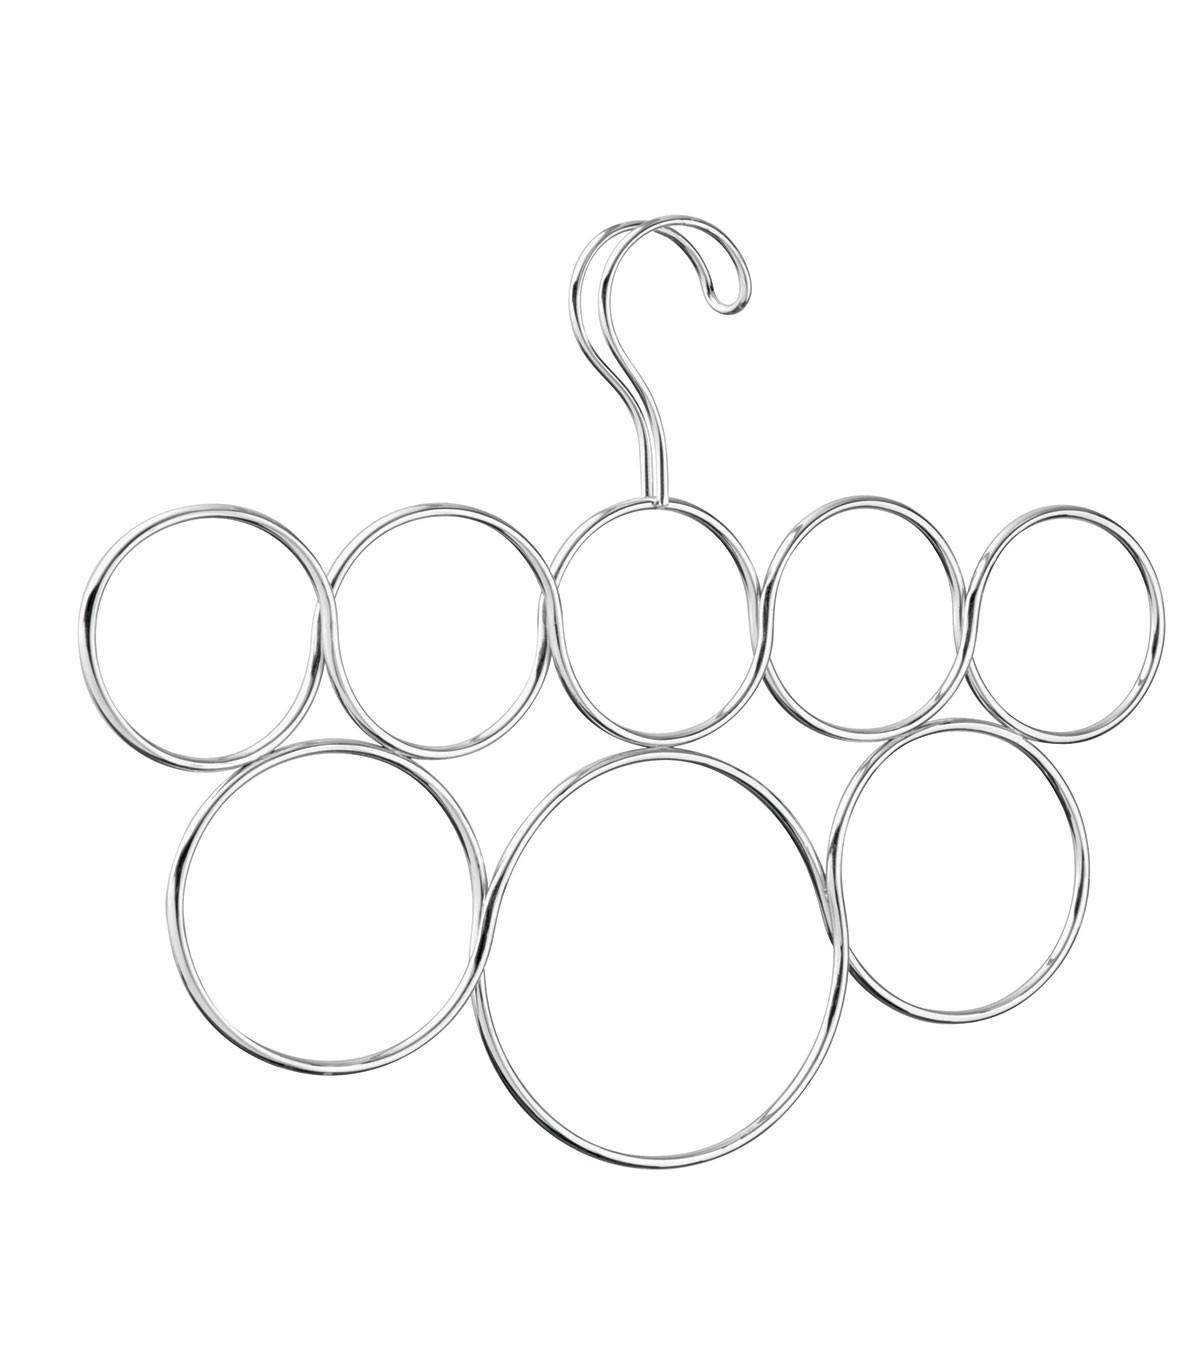 Cintre porte-écharpes 8 anneaux - Gris